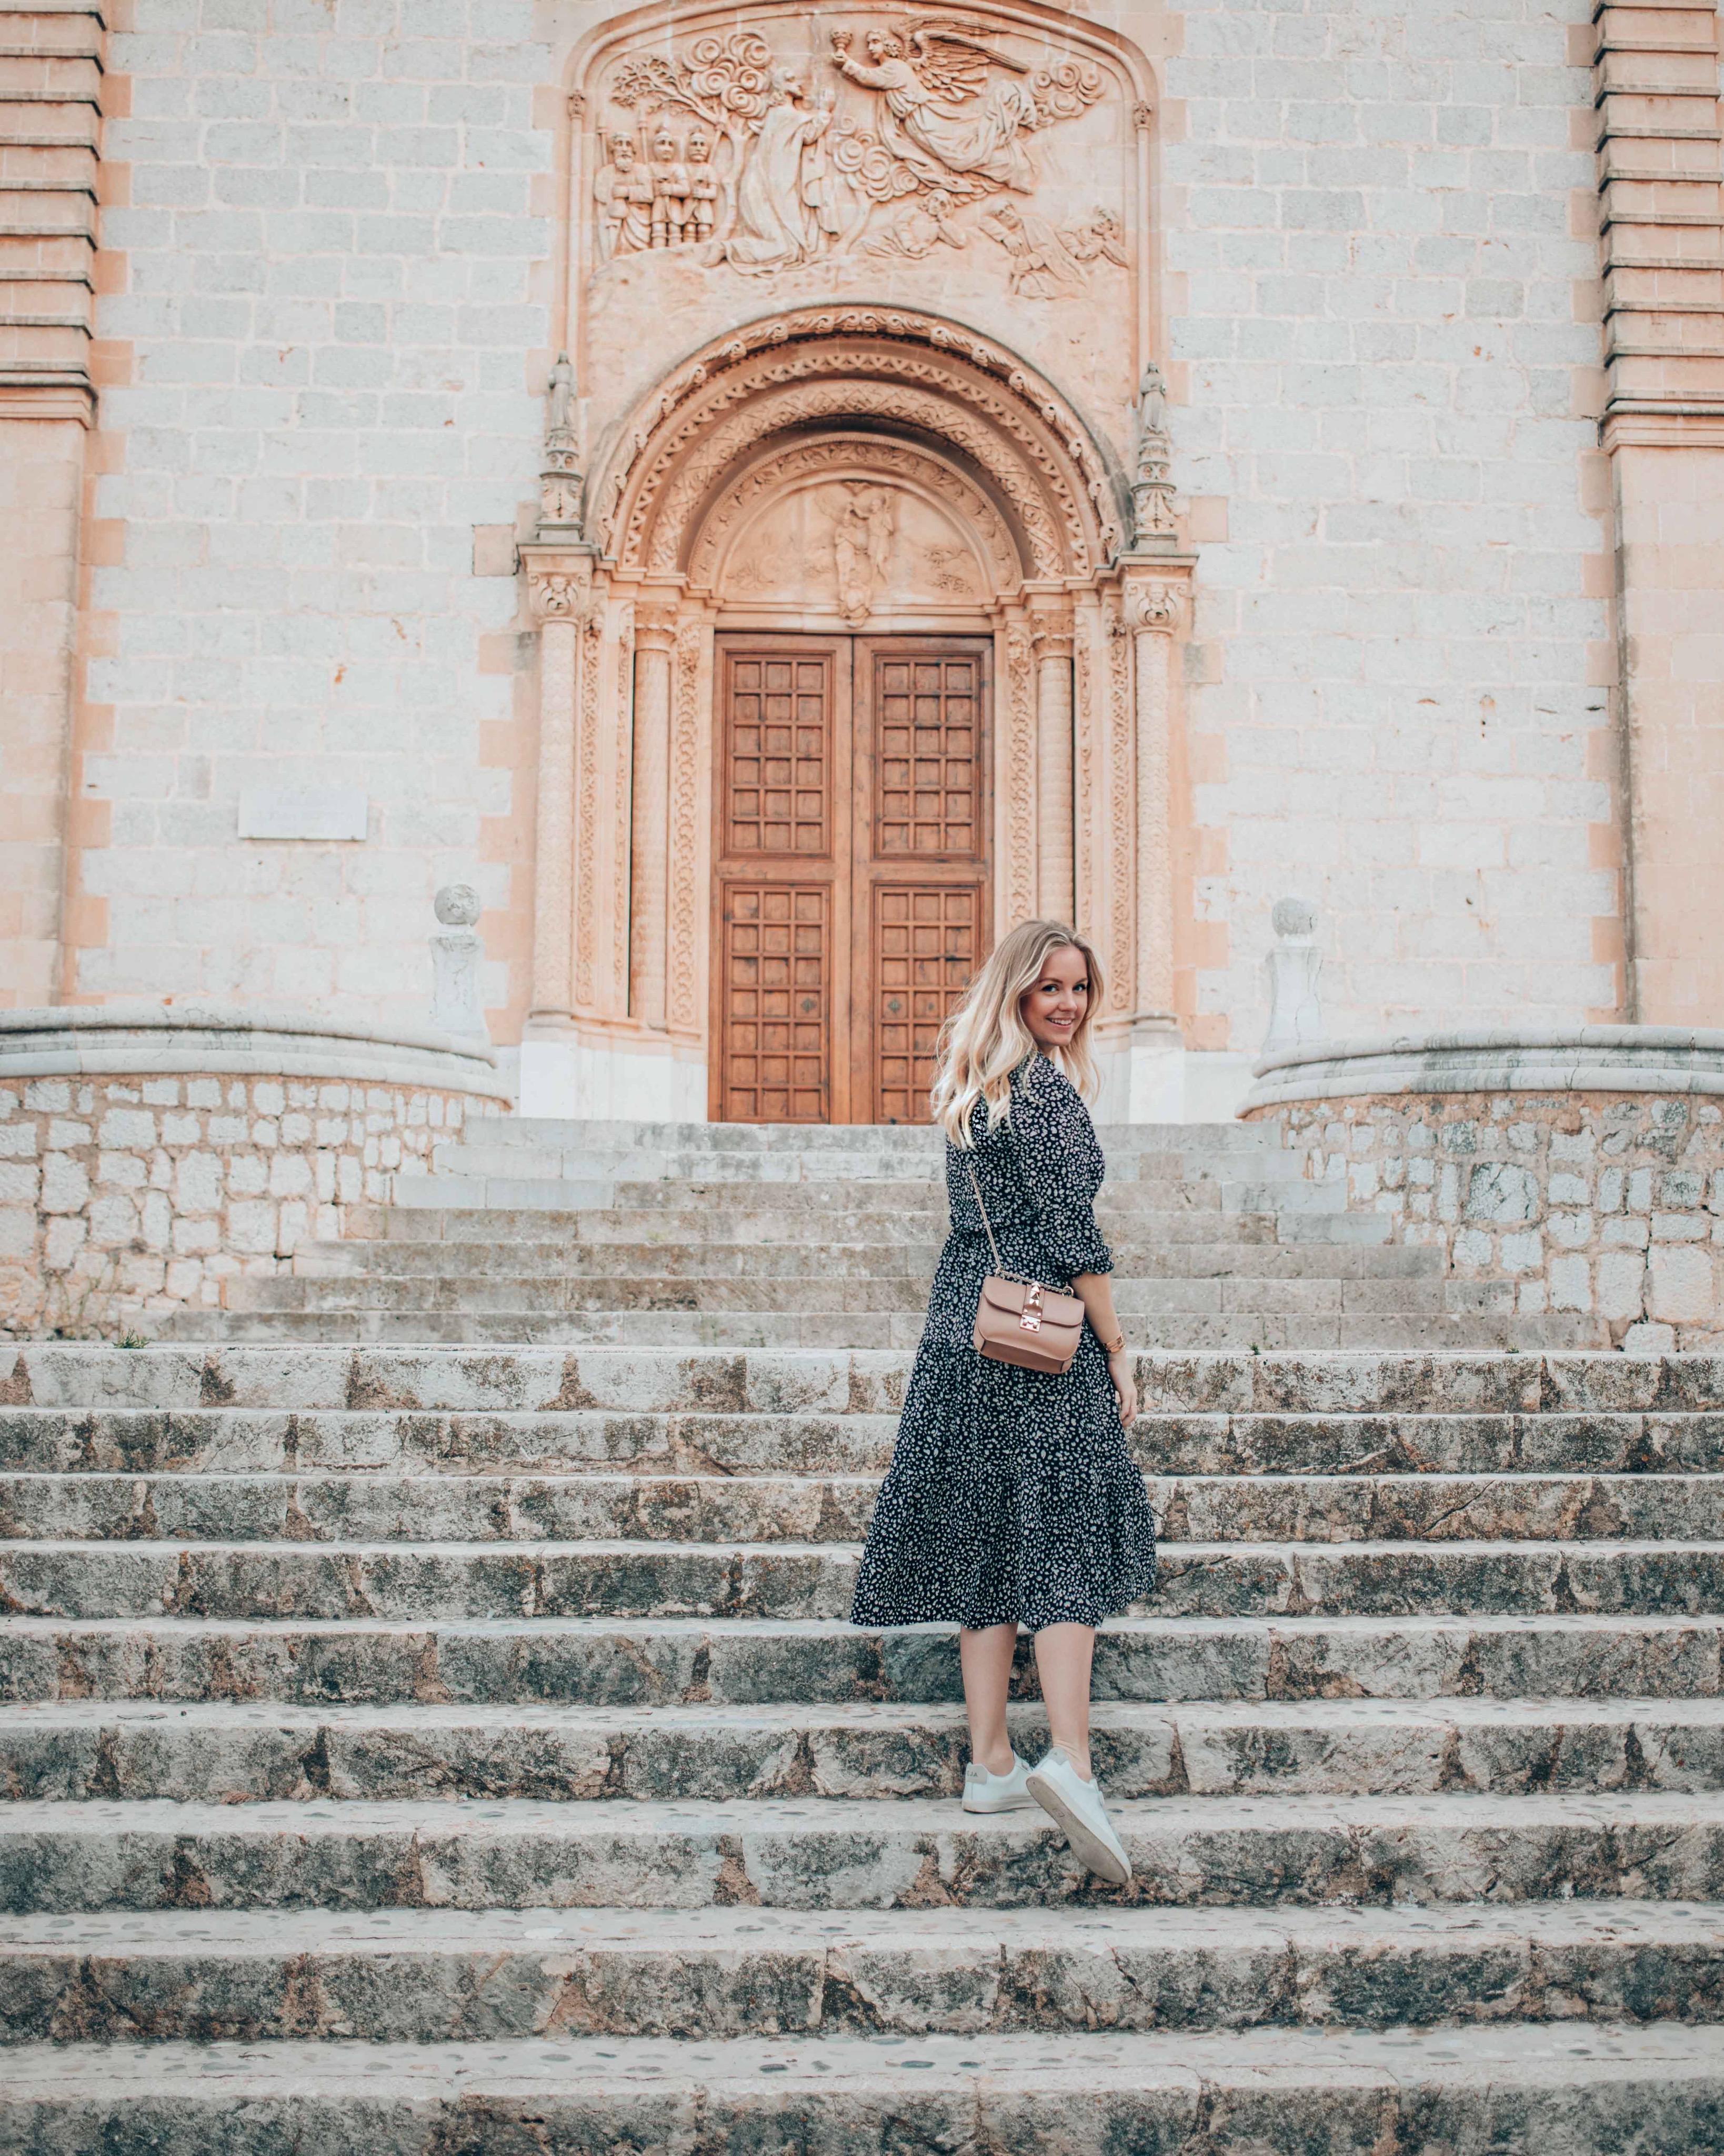 Exploring Calvia, in Mallorca